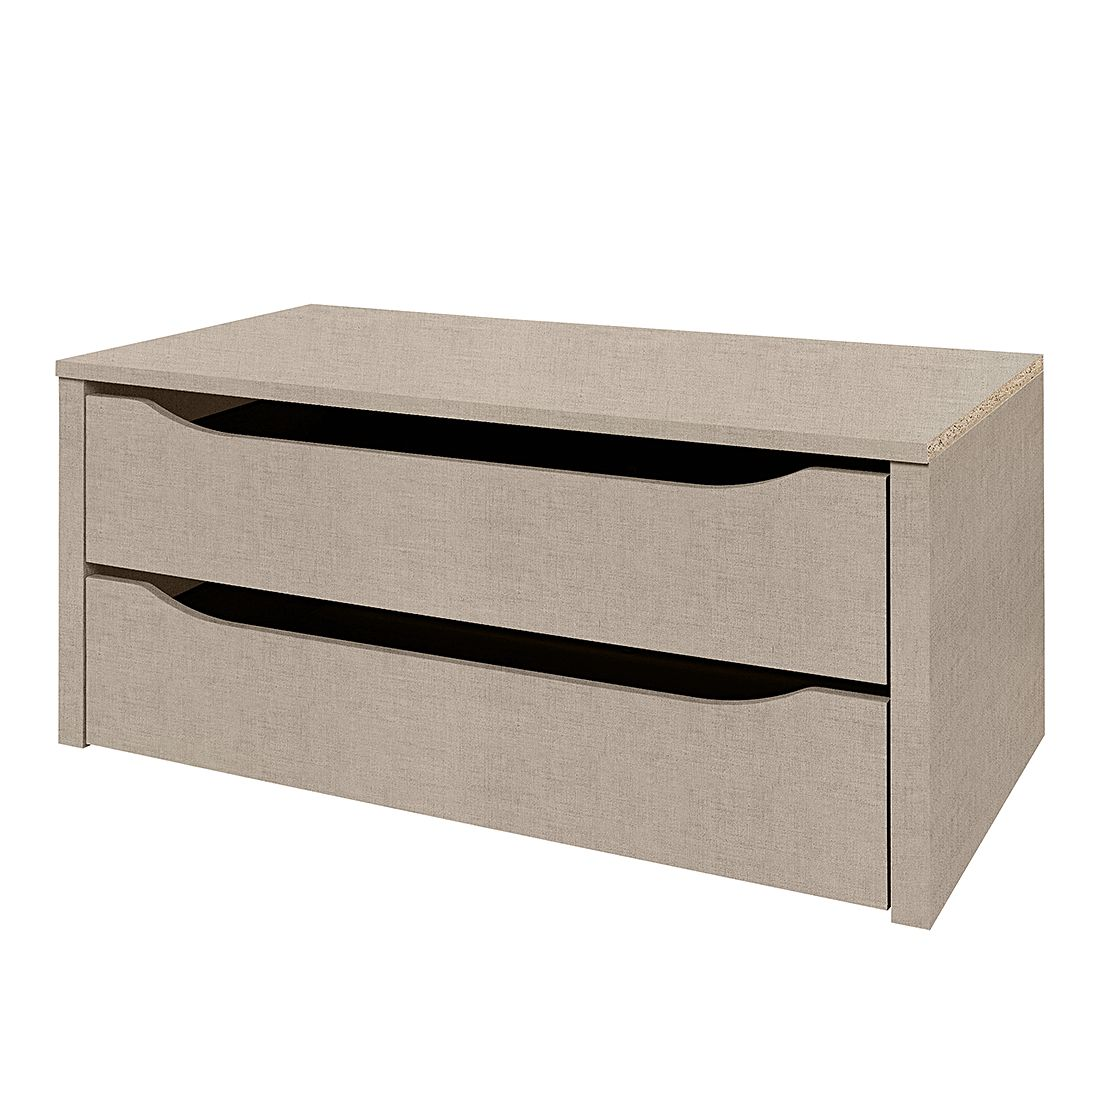 schubkasteneinsatz f r kleiderschrank zuhause image idee. Black Bedroom Furniture Sets. Home Design Ideas